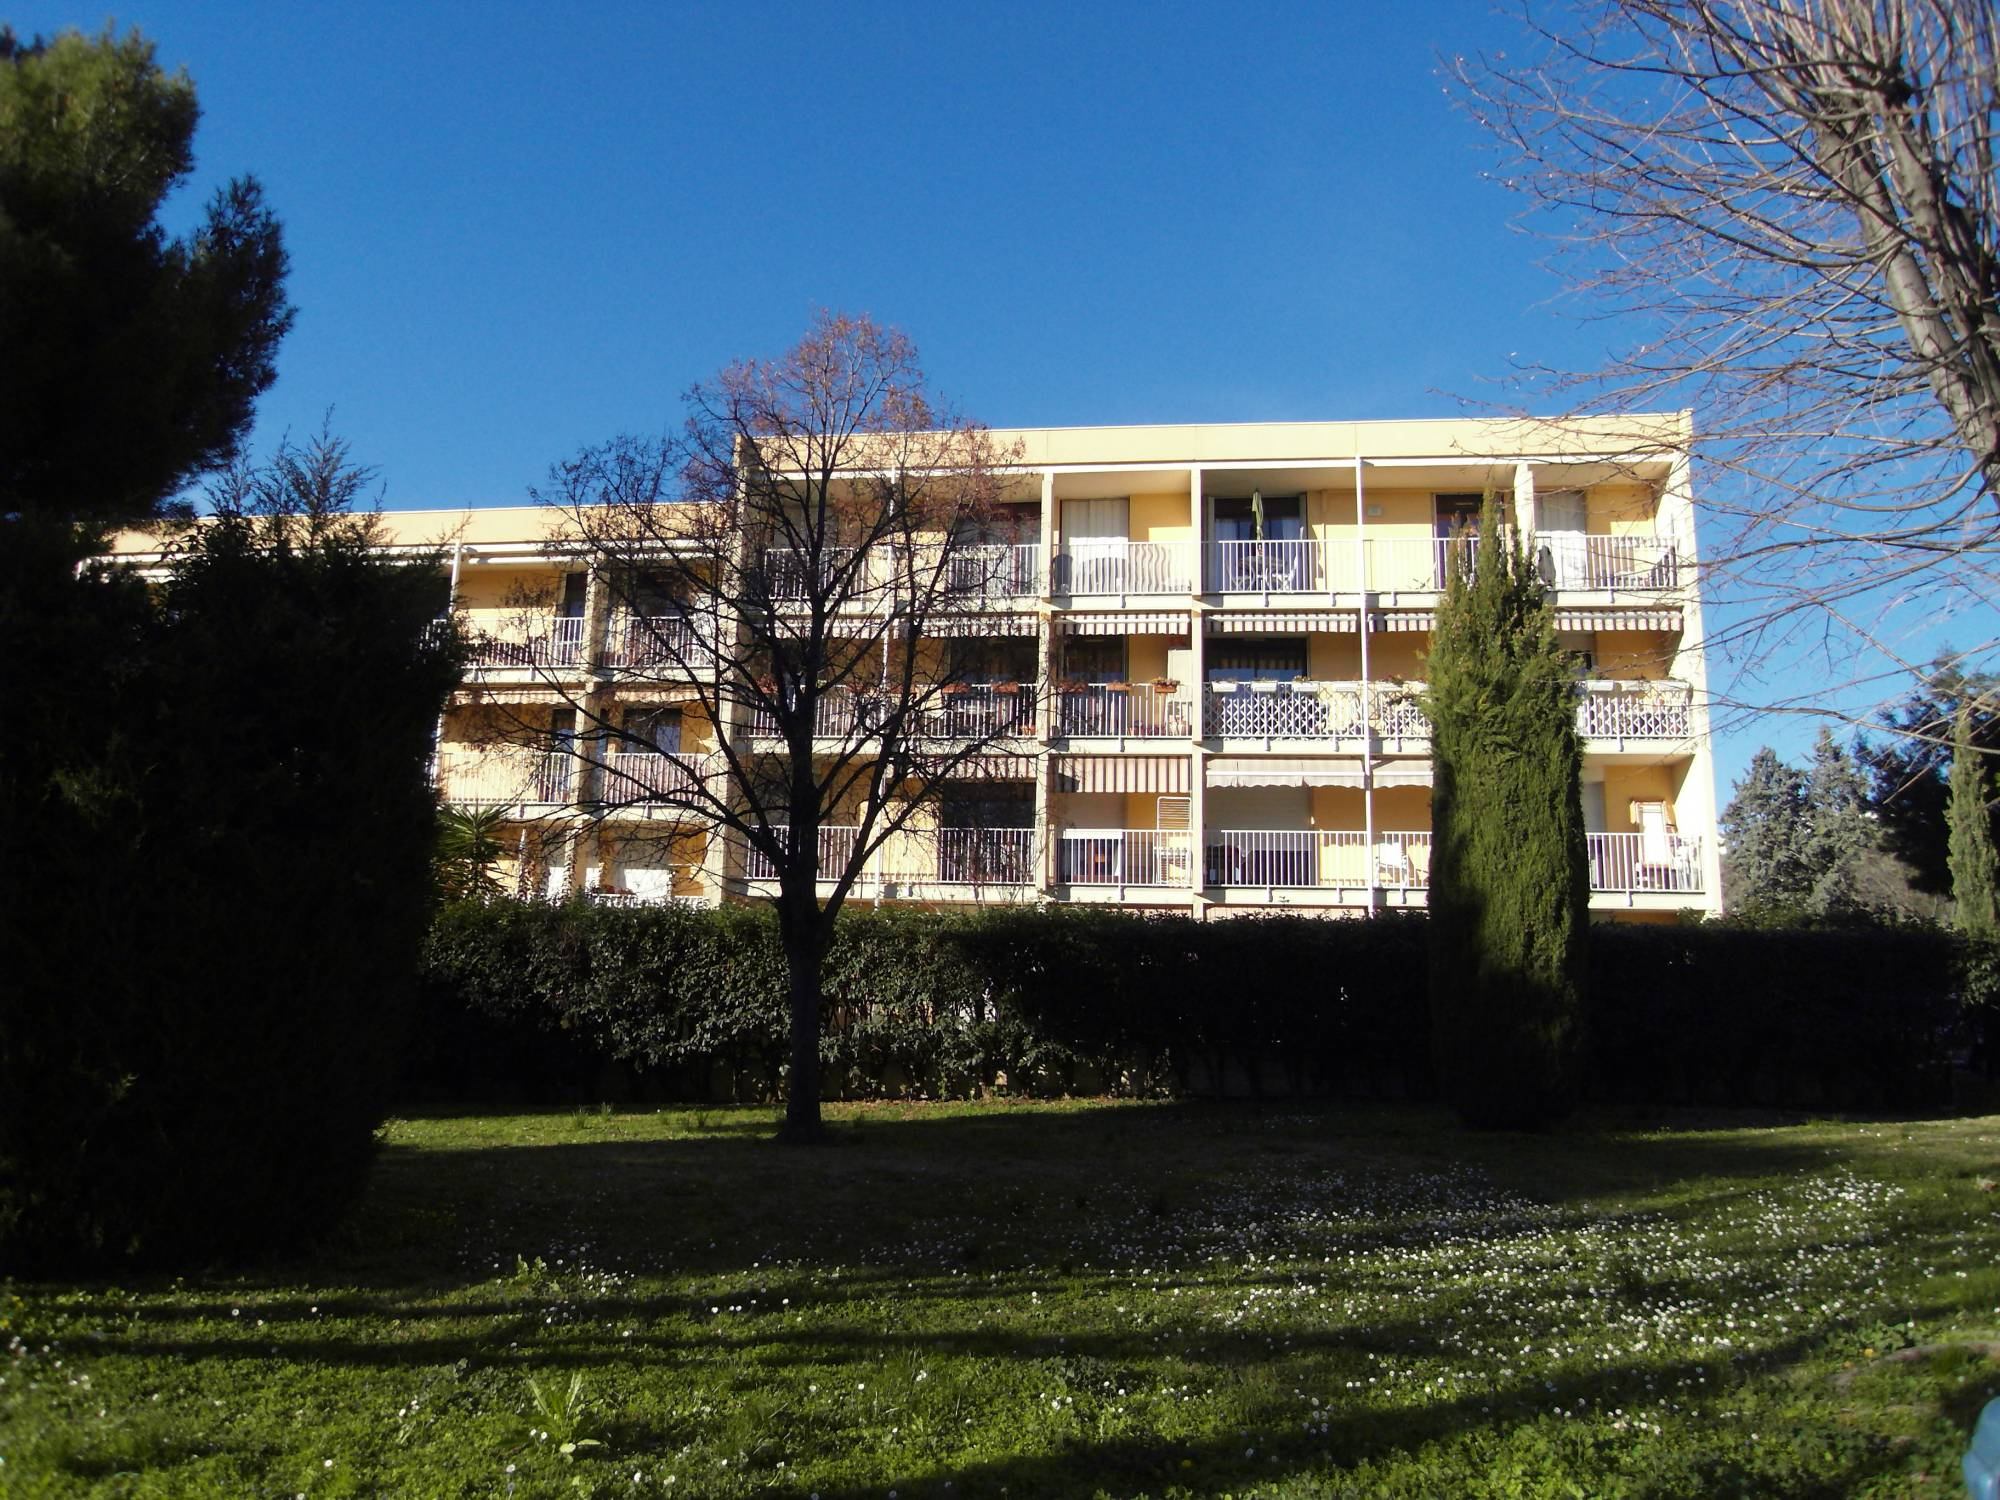 A louer Fourragère 13012 Appartement 2 pièces en rez de jardin